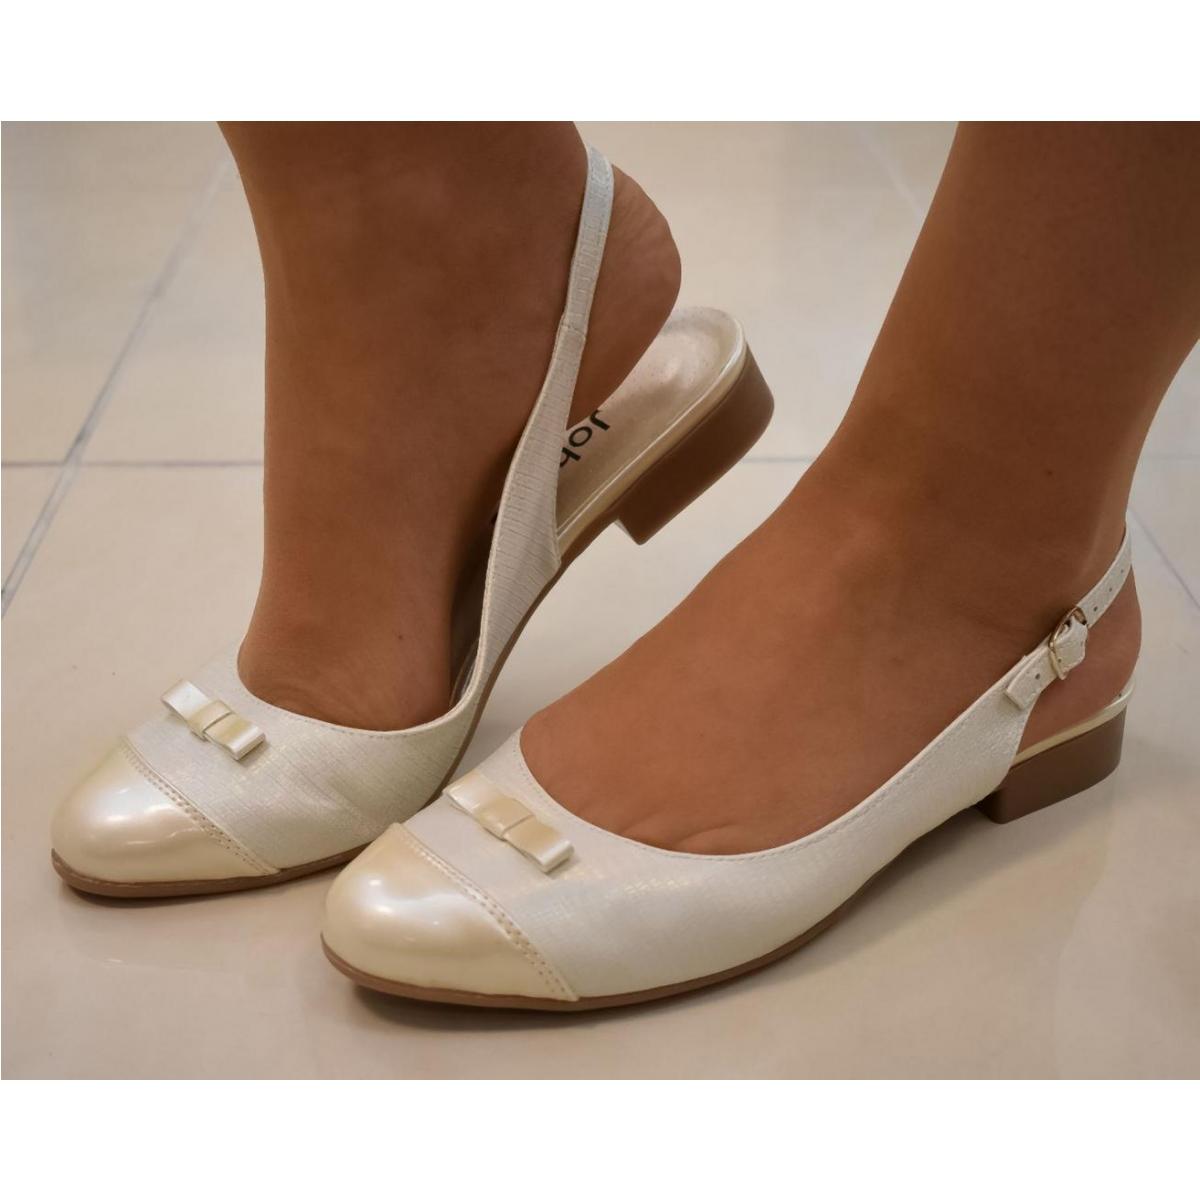 9c785cc91b81 Dámske zlato-béžové sandále EVELINE - 8